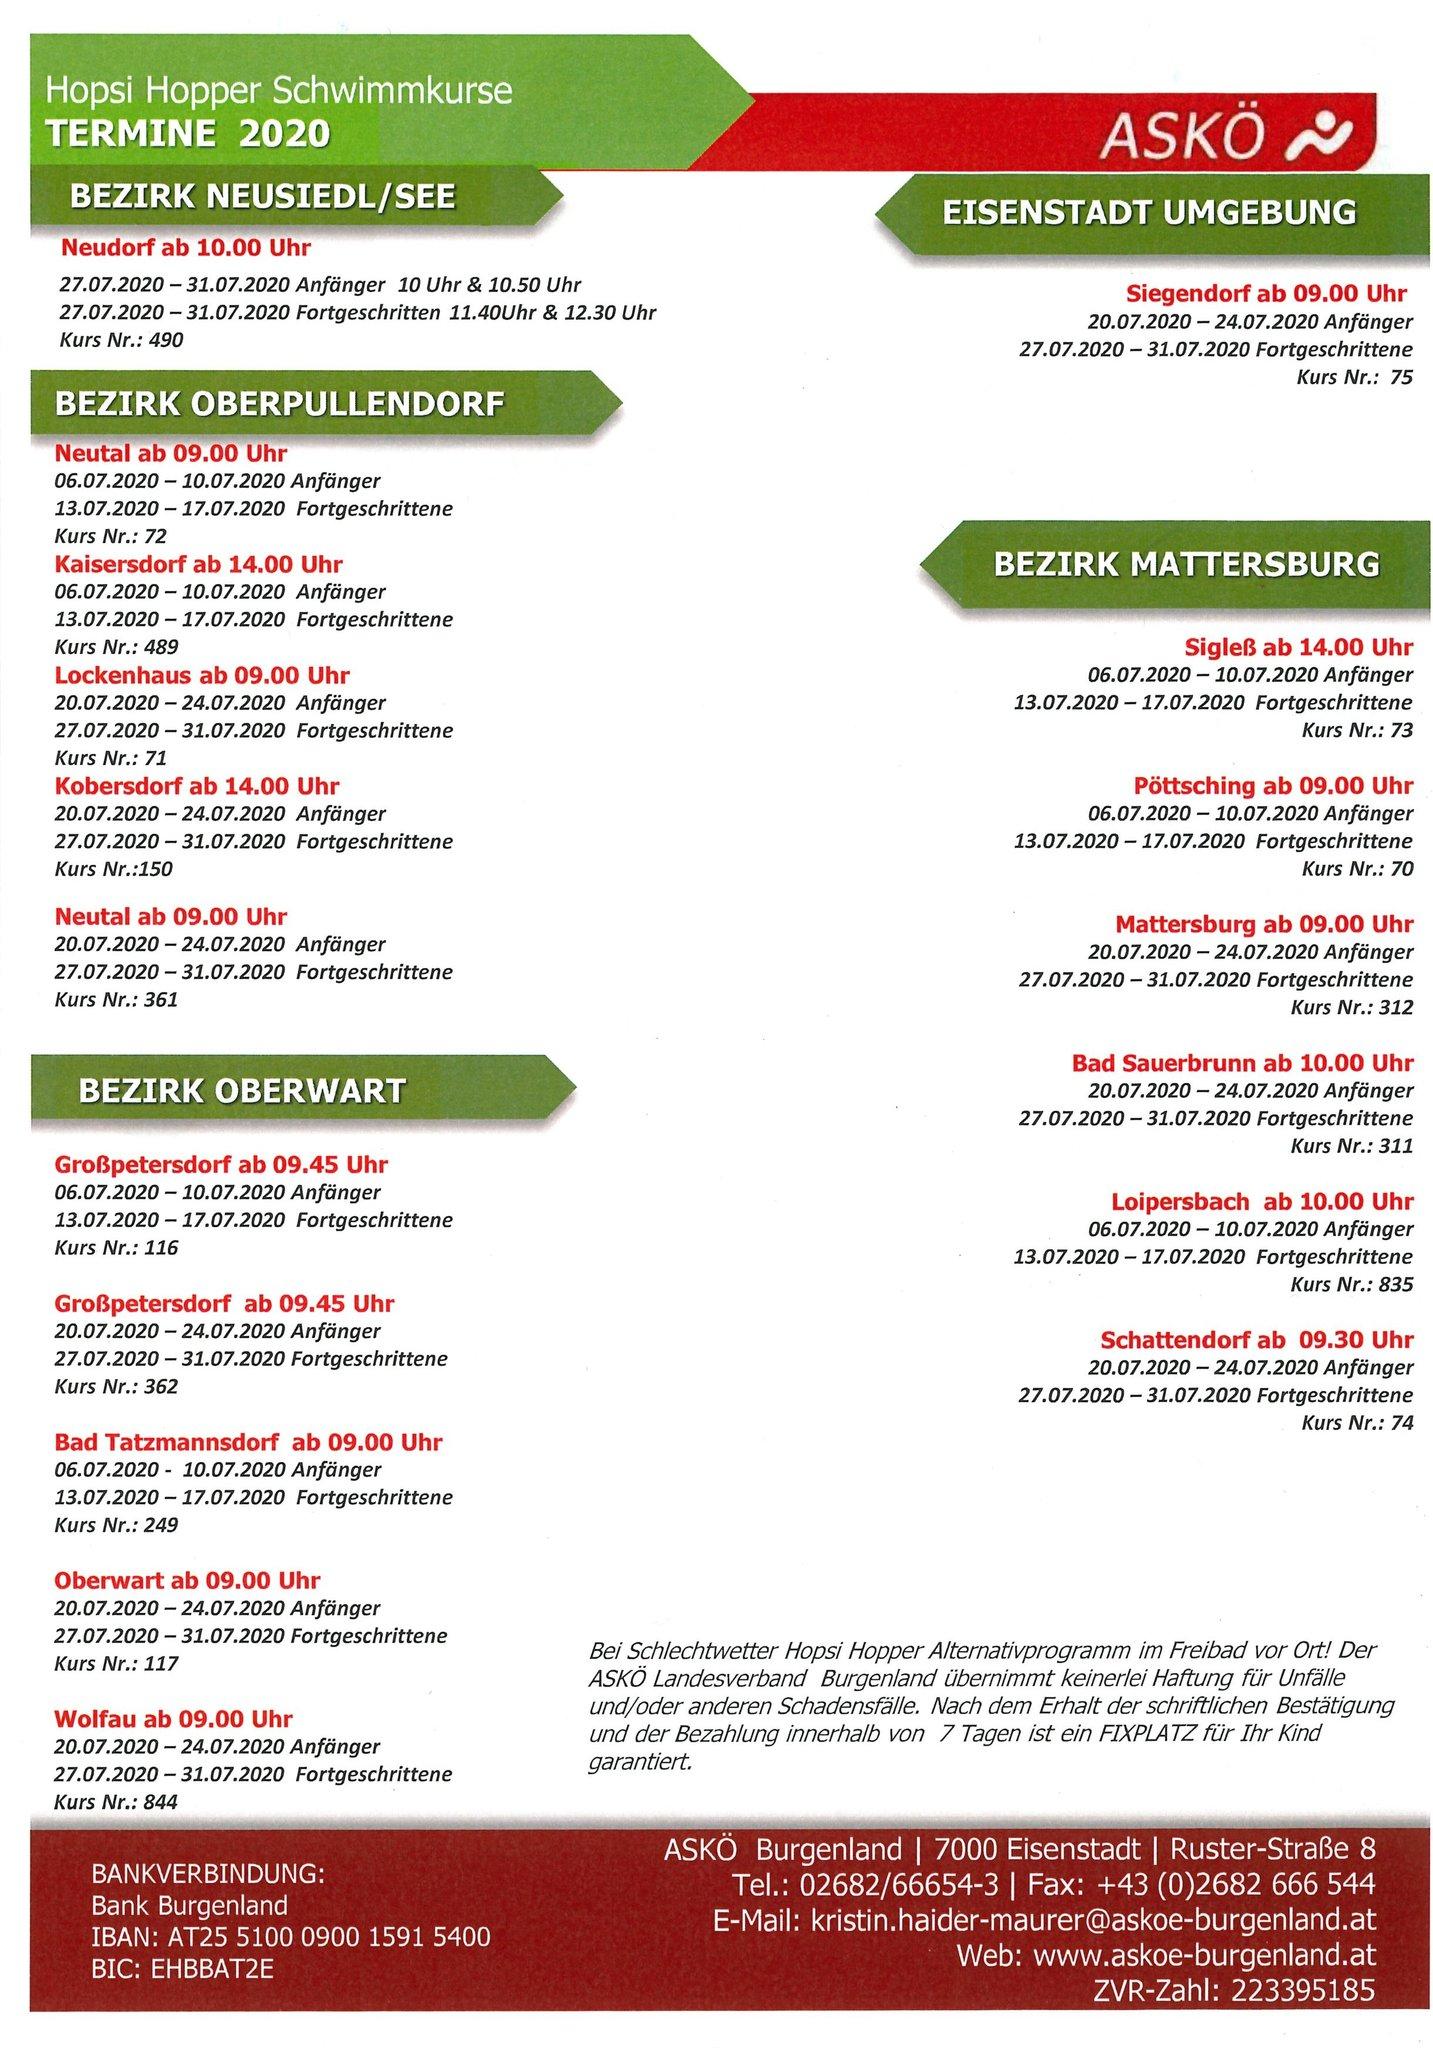 Rotes Kreuz Burgenland: Fotos vom Aufbautag (10.06.2011)